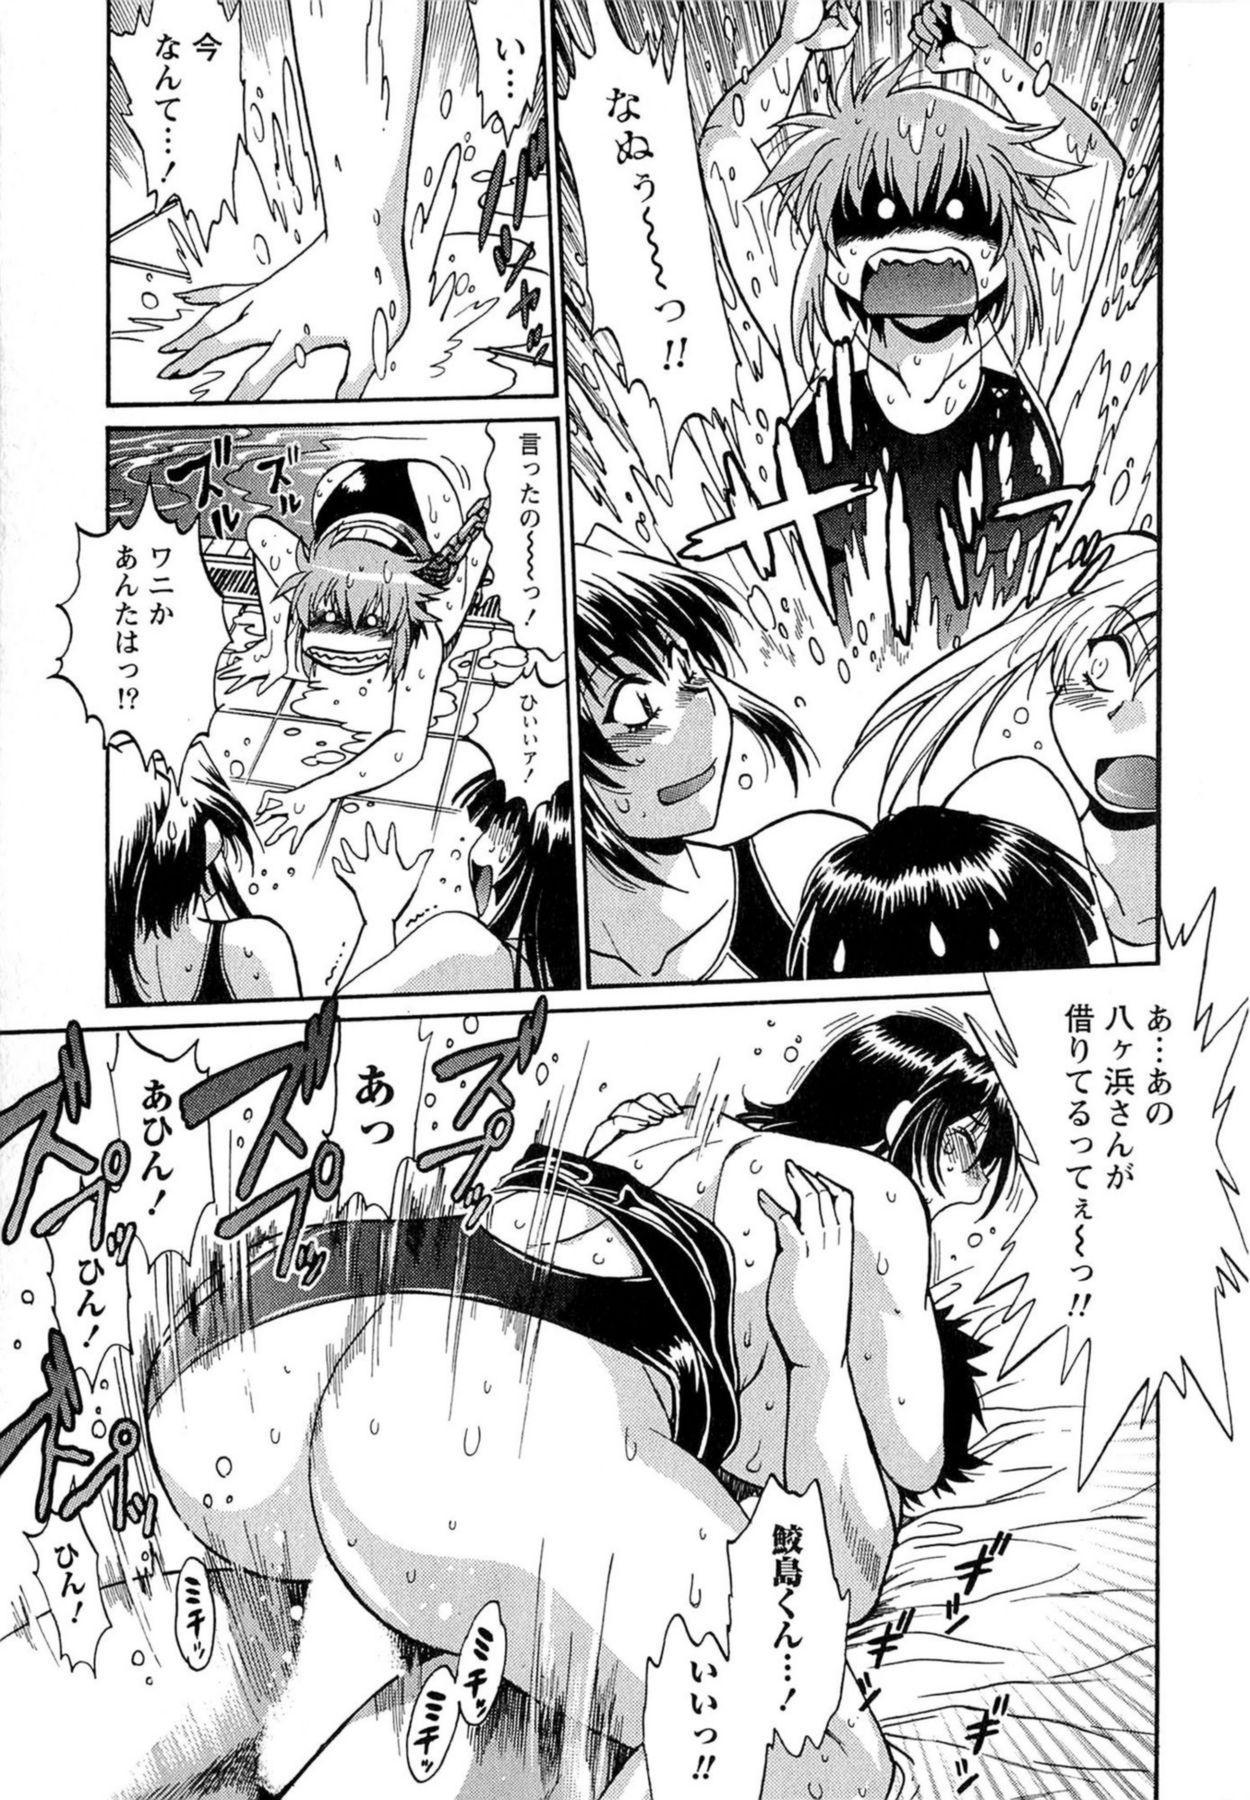 Kuikomi wo Naoshiteru Hima wa Nai! Vol. 1 127